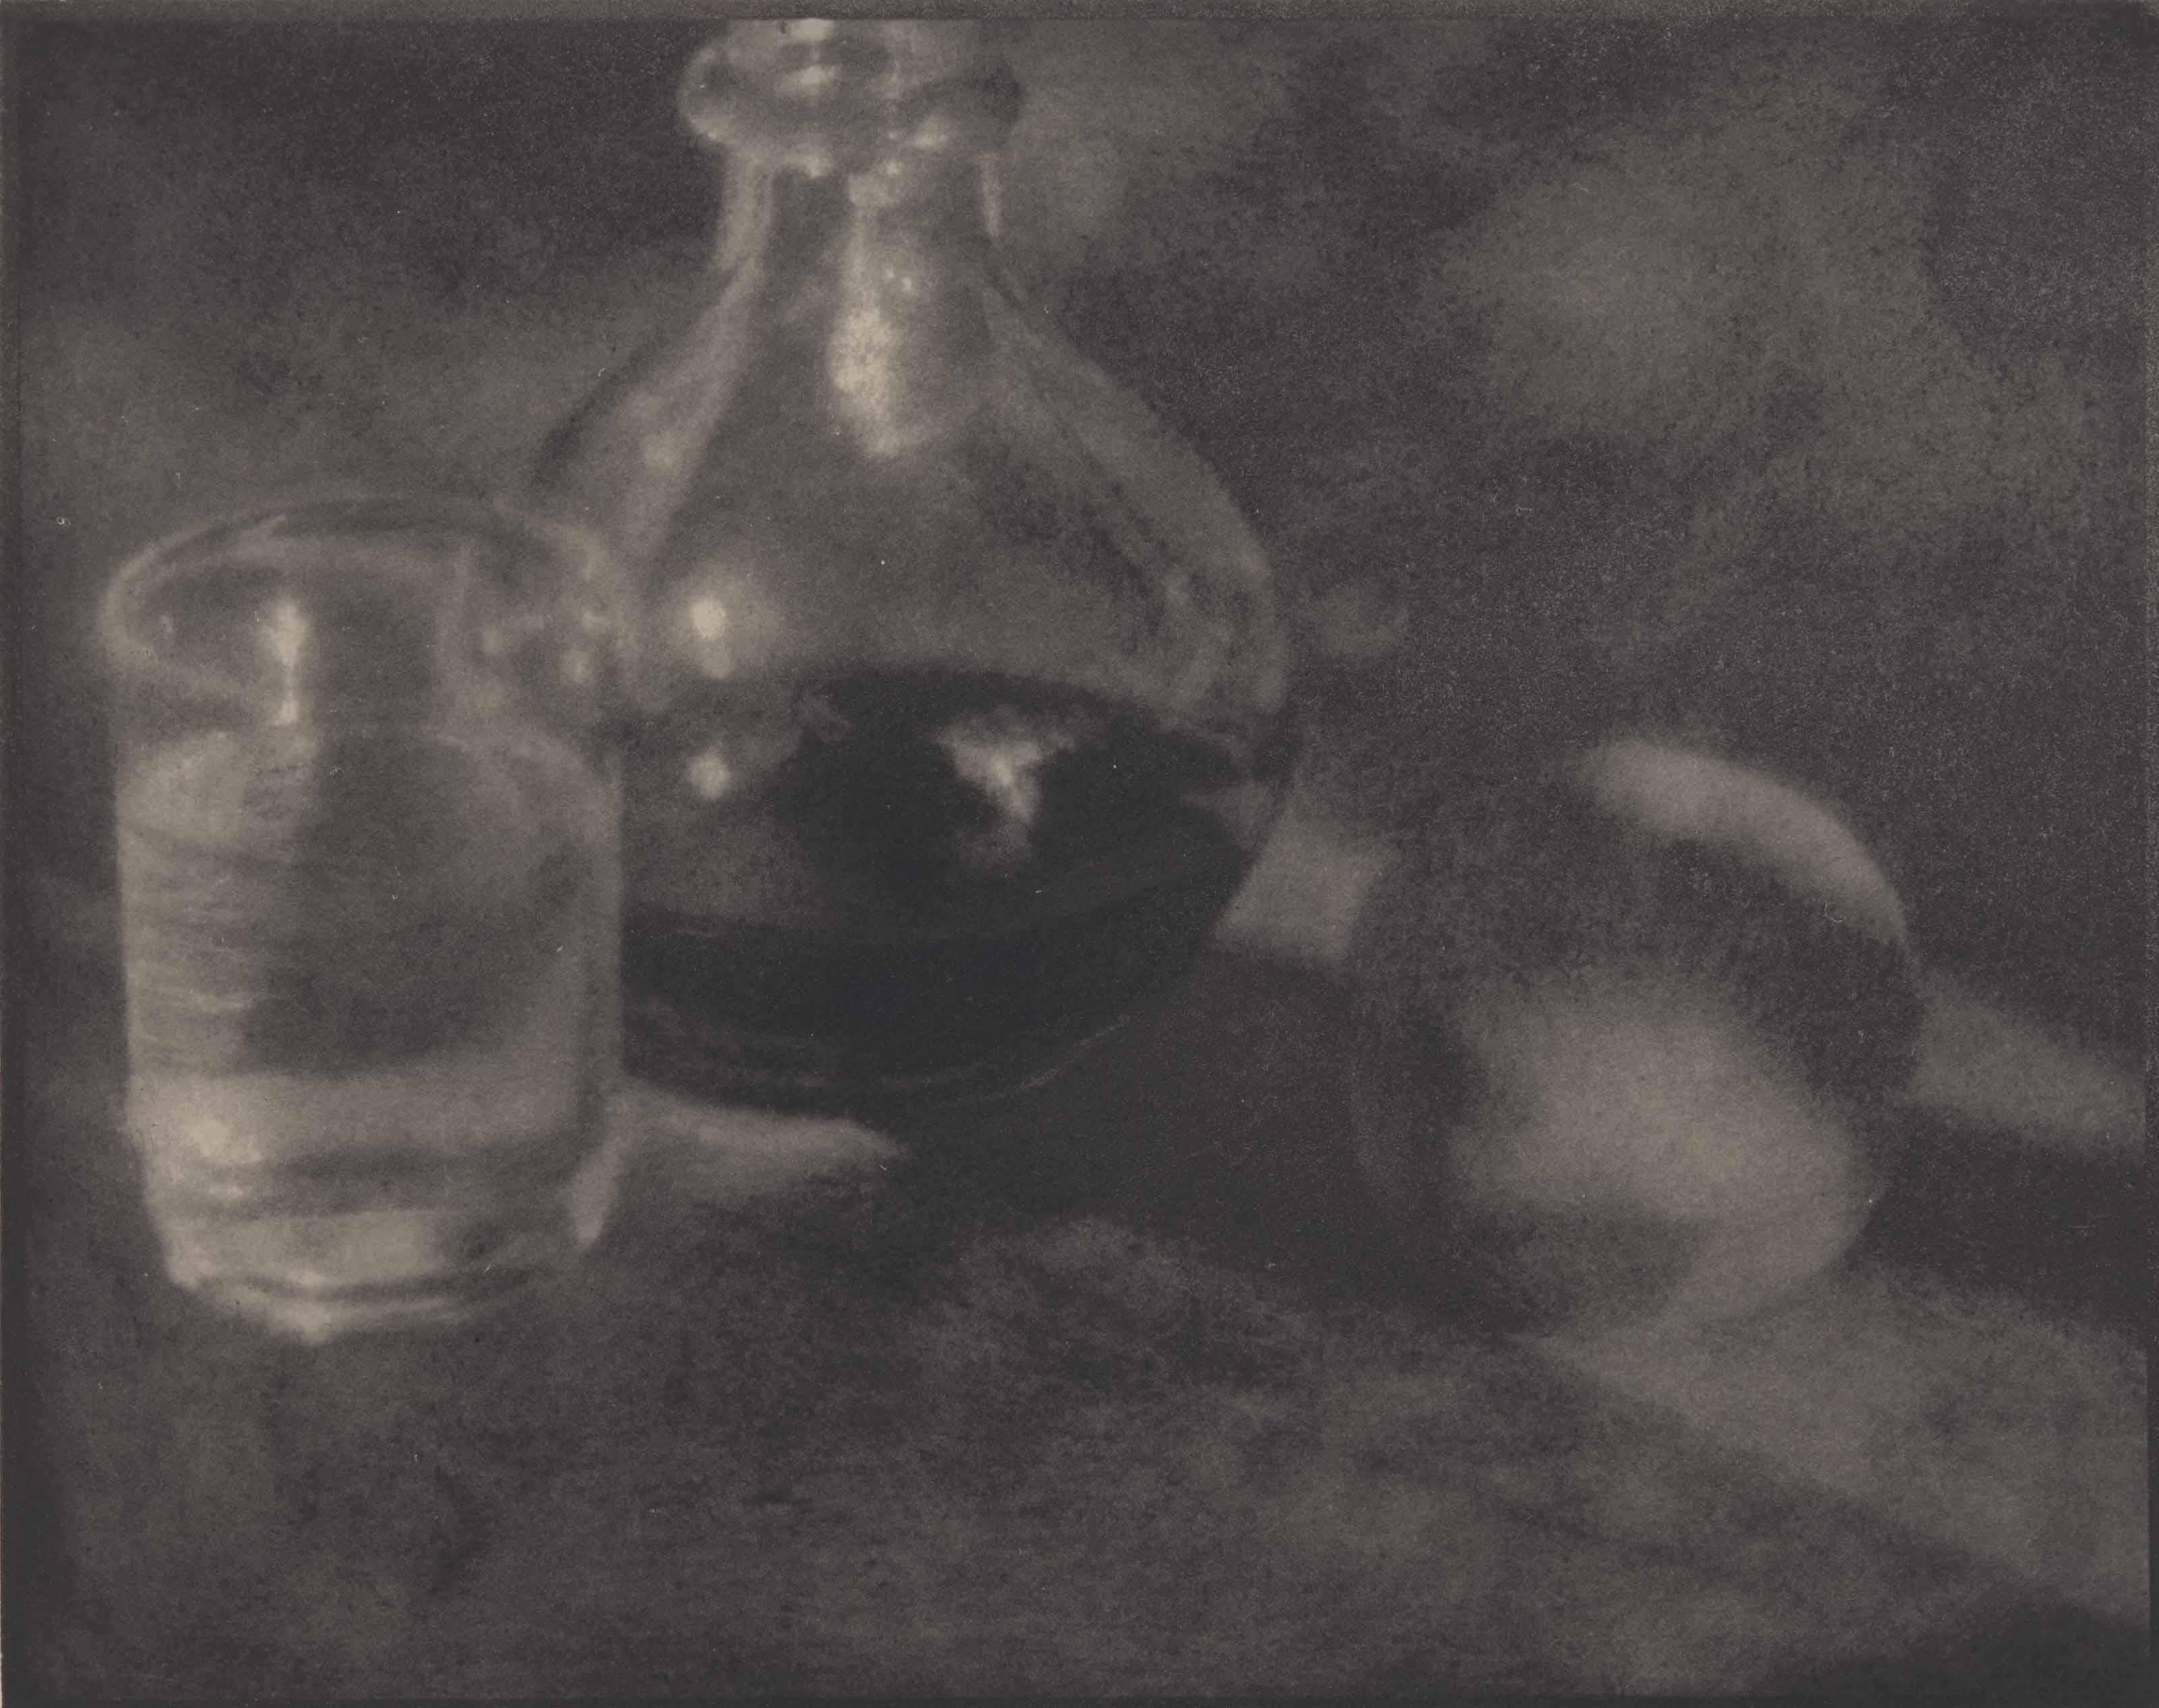 Karaffe, Glas und Pfirsich, vers 1911